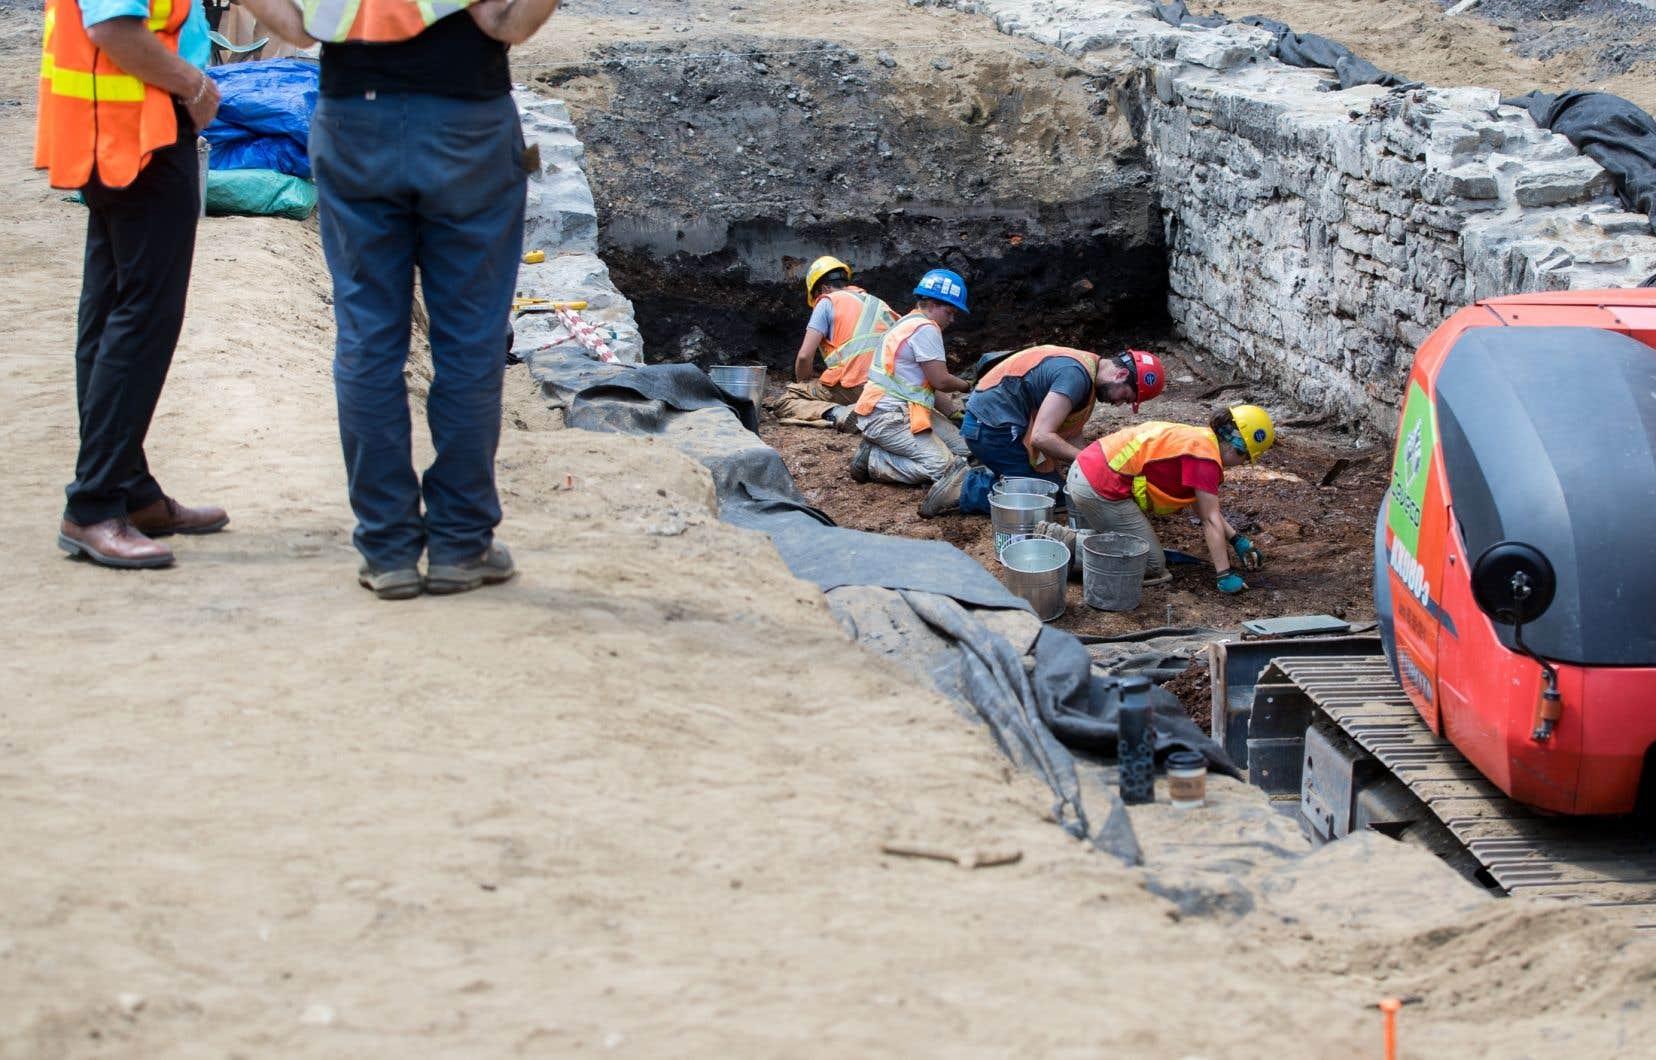 Complexe et fragile, le patrimoine archéologique en milieu urbain est souvent négligé par les outils législatifs.